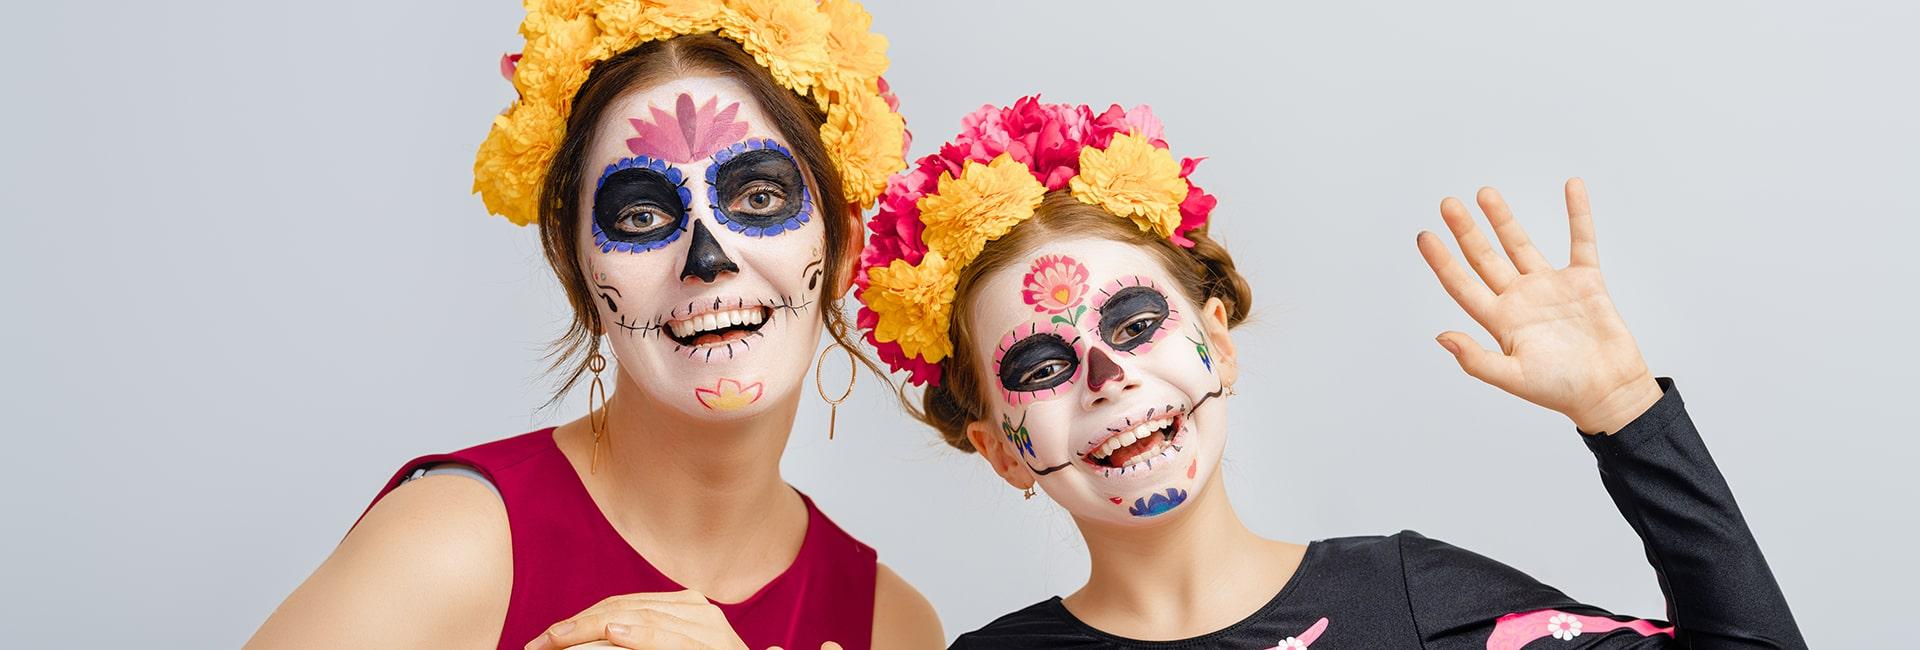 Day Of The Dead Celebration In Nuevo Vallarta Mexico